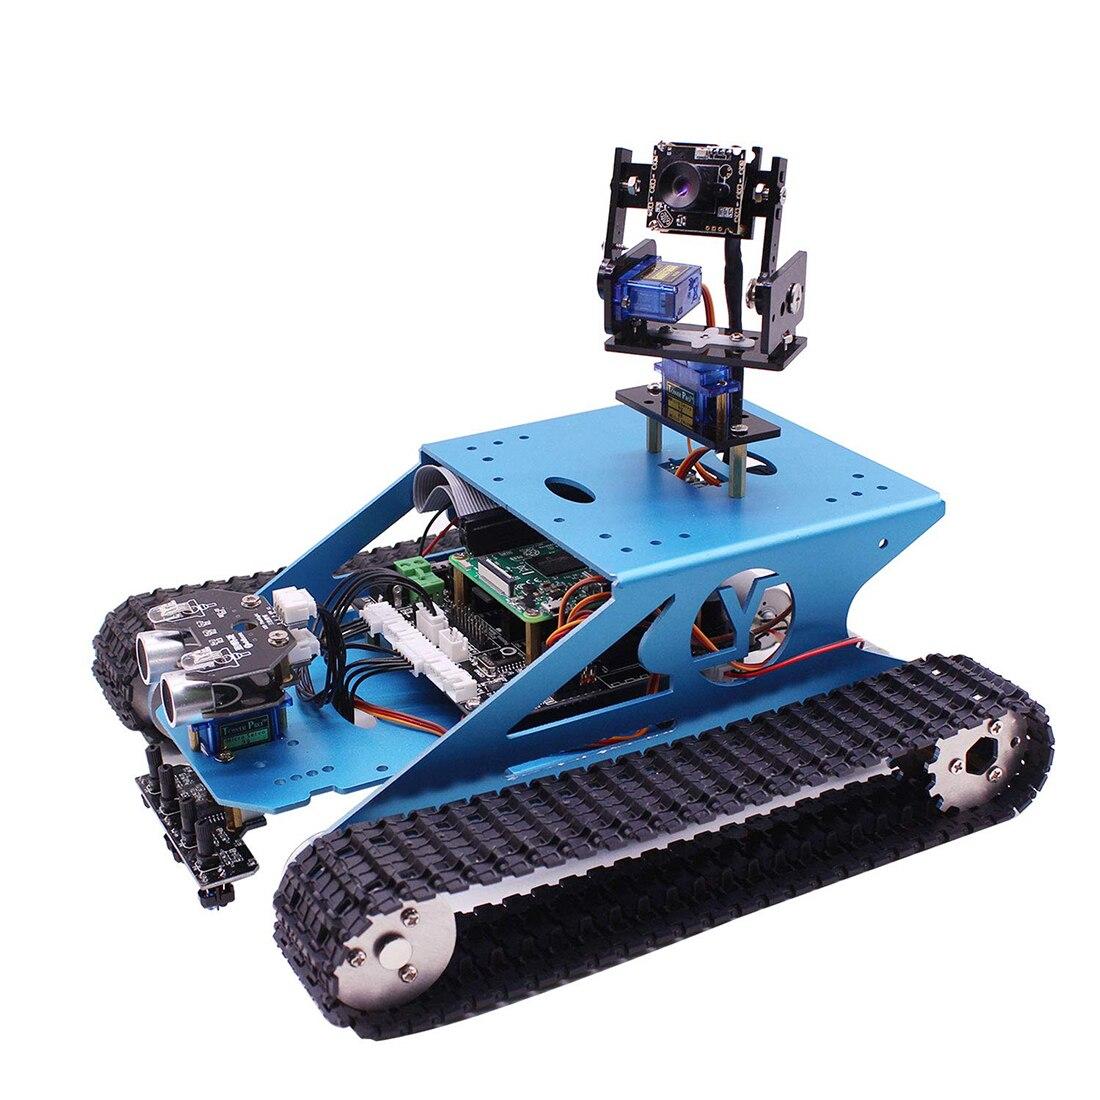 Raspberry Pi Танк умный робот комплект Wi Fi беспроводной видео Программирование электронная игрушка DIY робот комплект для детей взрослых Совмести